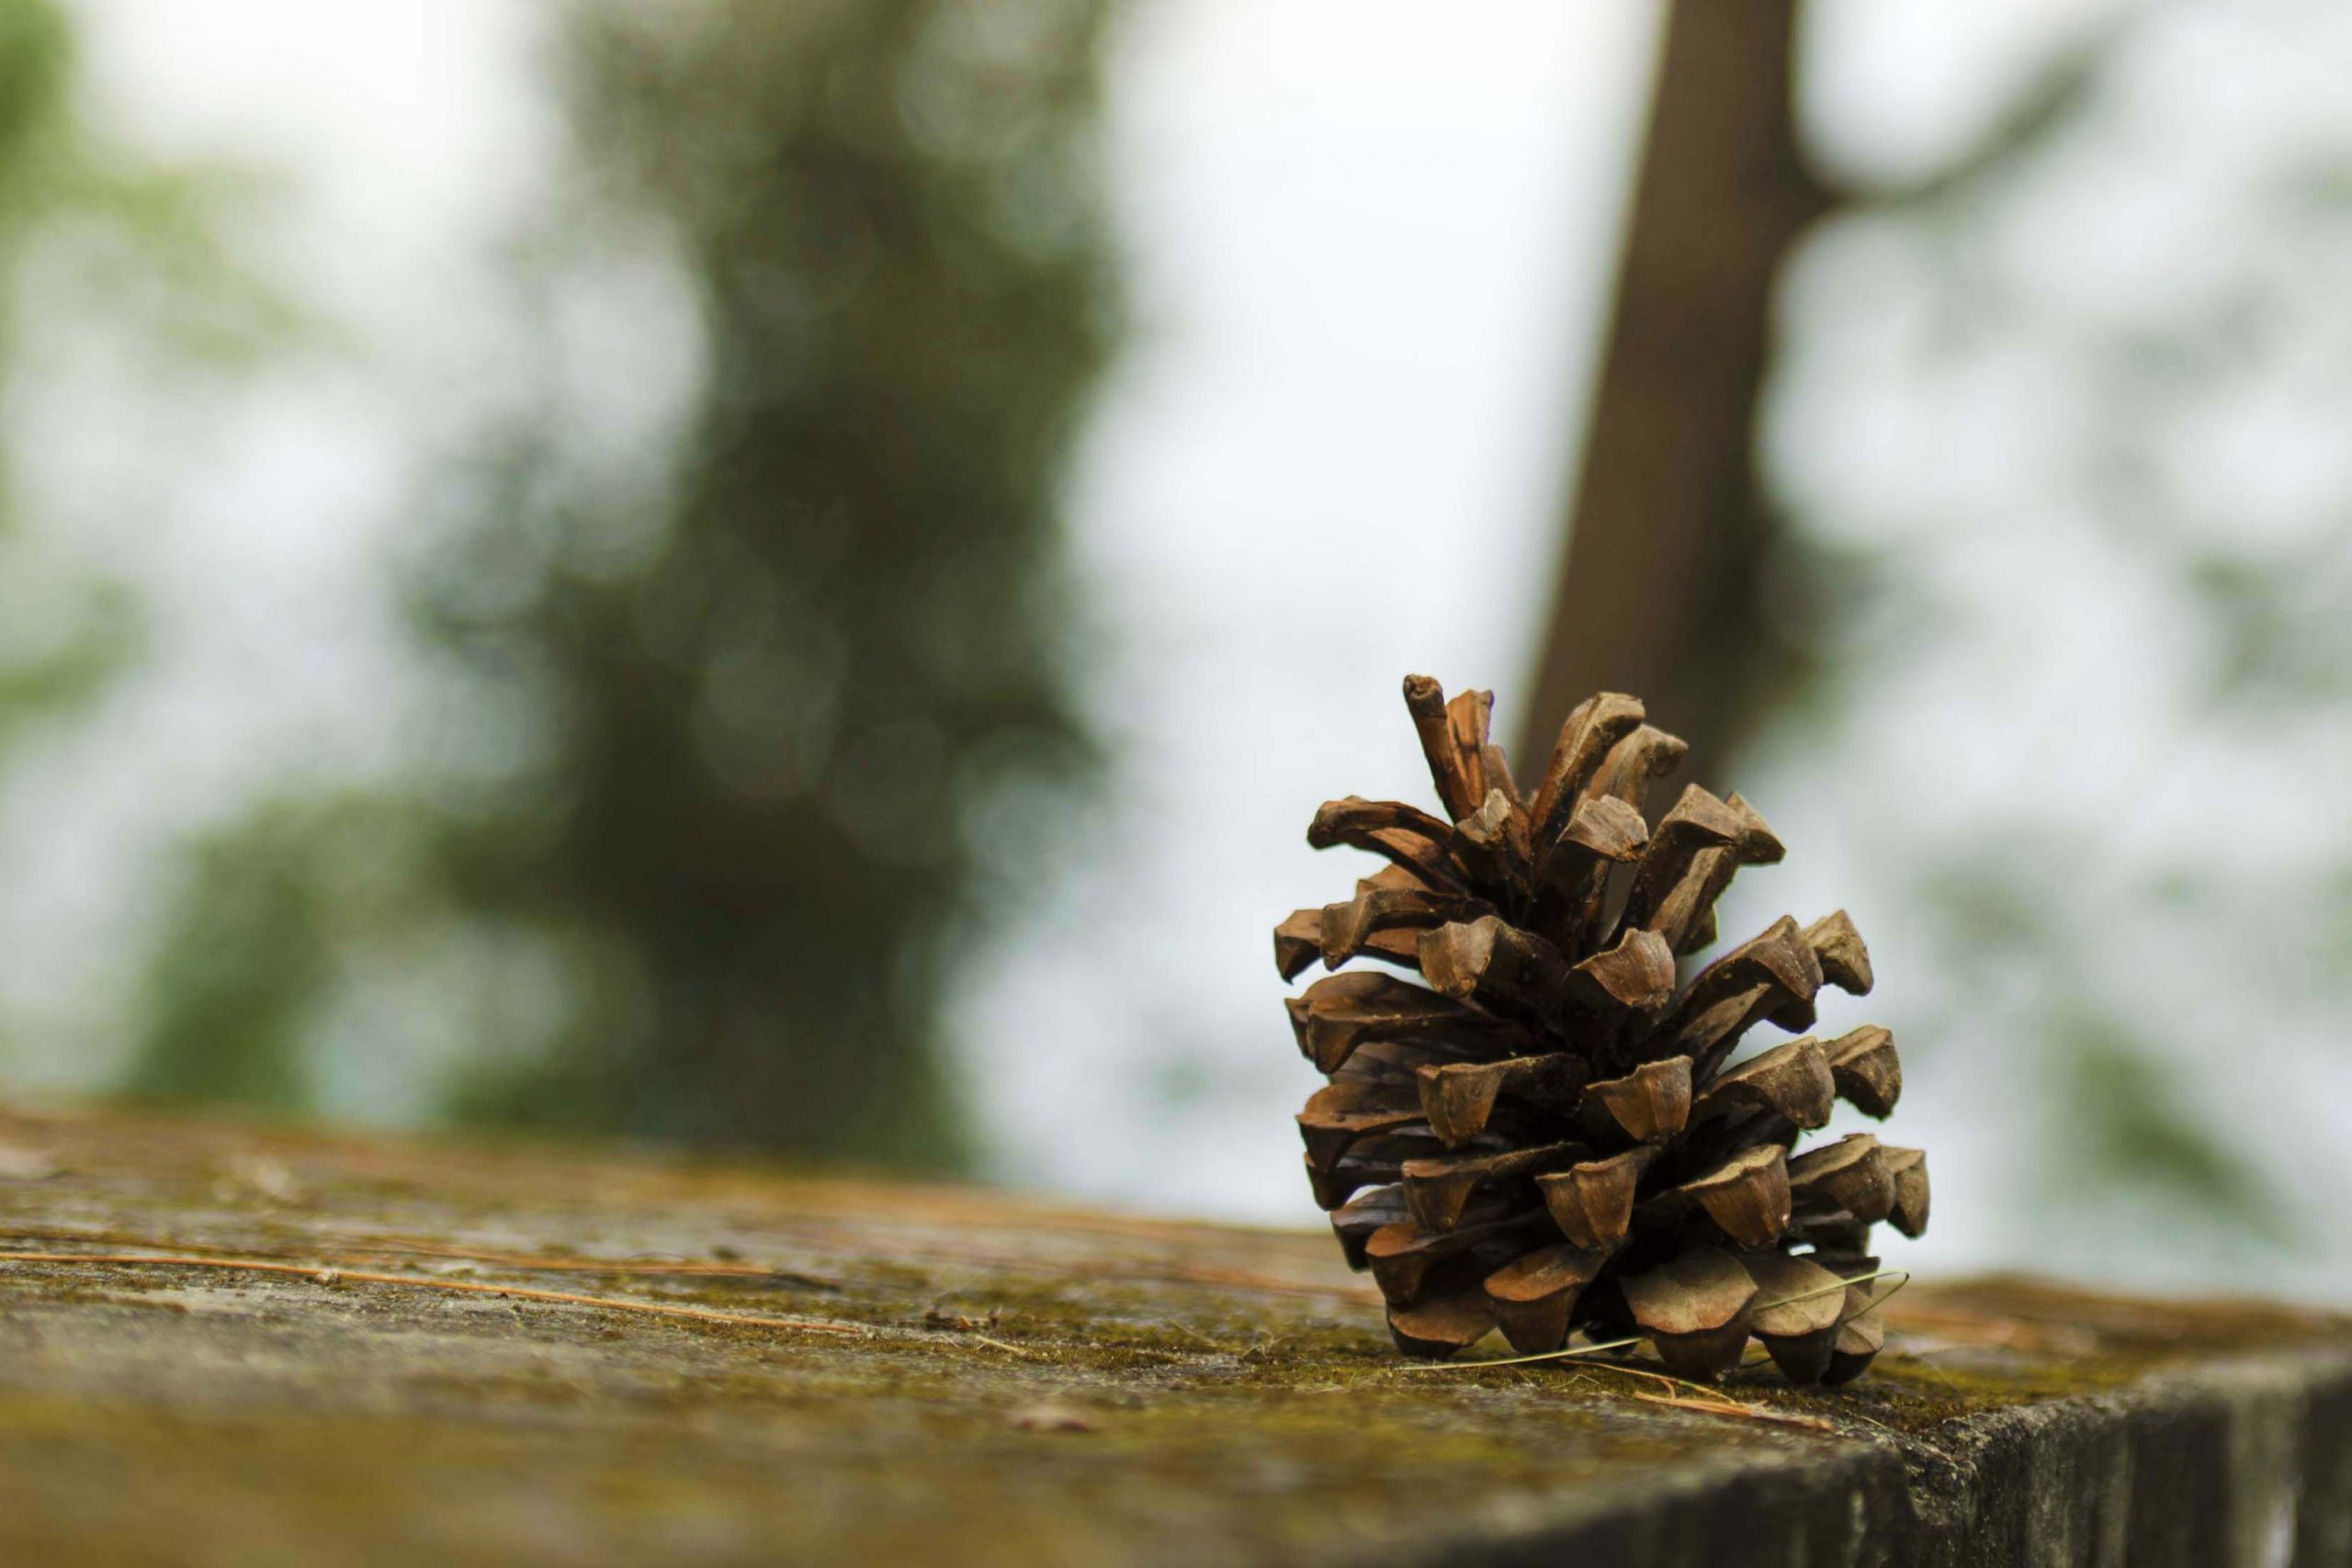 Conifer cone on Focus